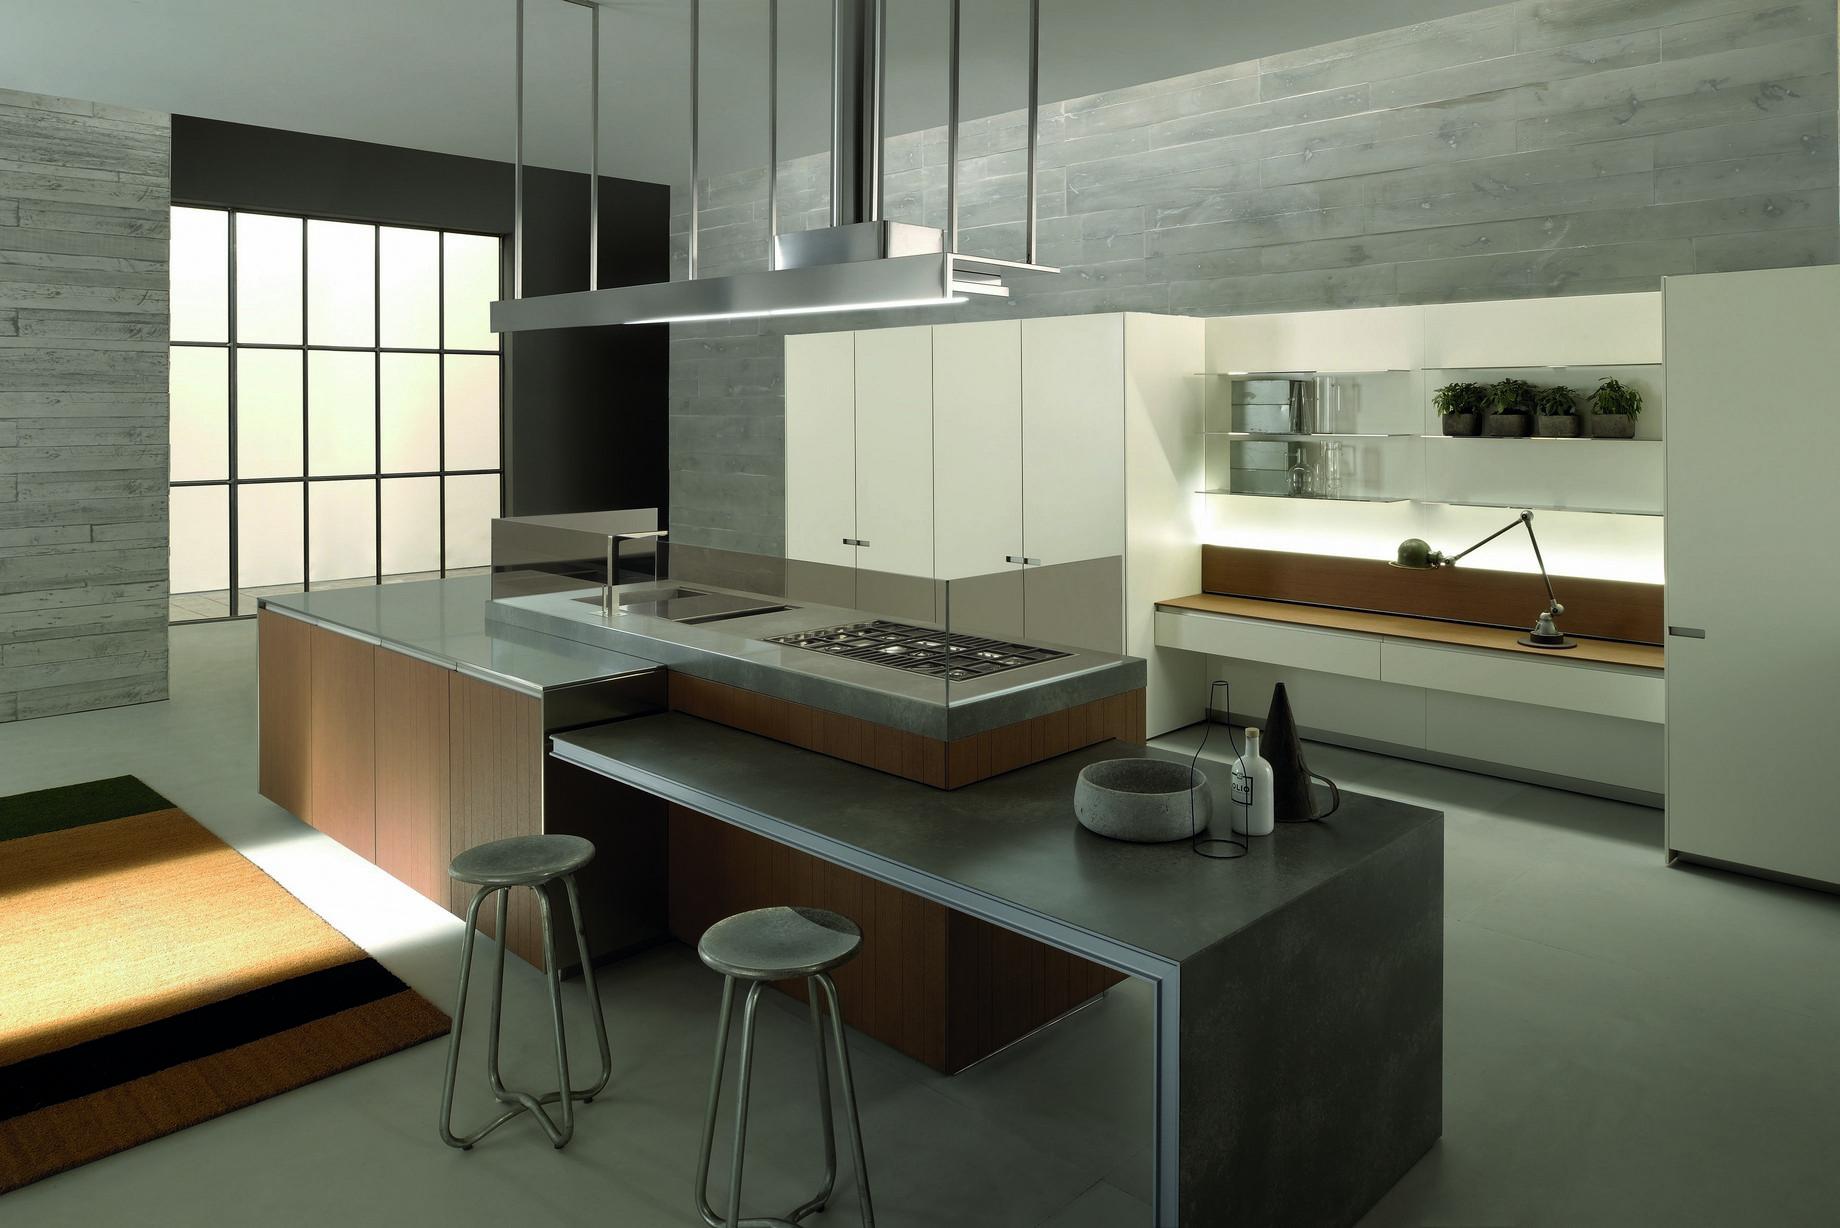 Cucine ernestomeda 9 torino kreocasa negozio di for Arredamento design torino